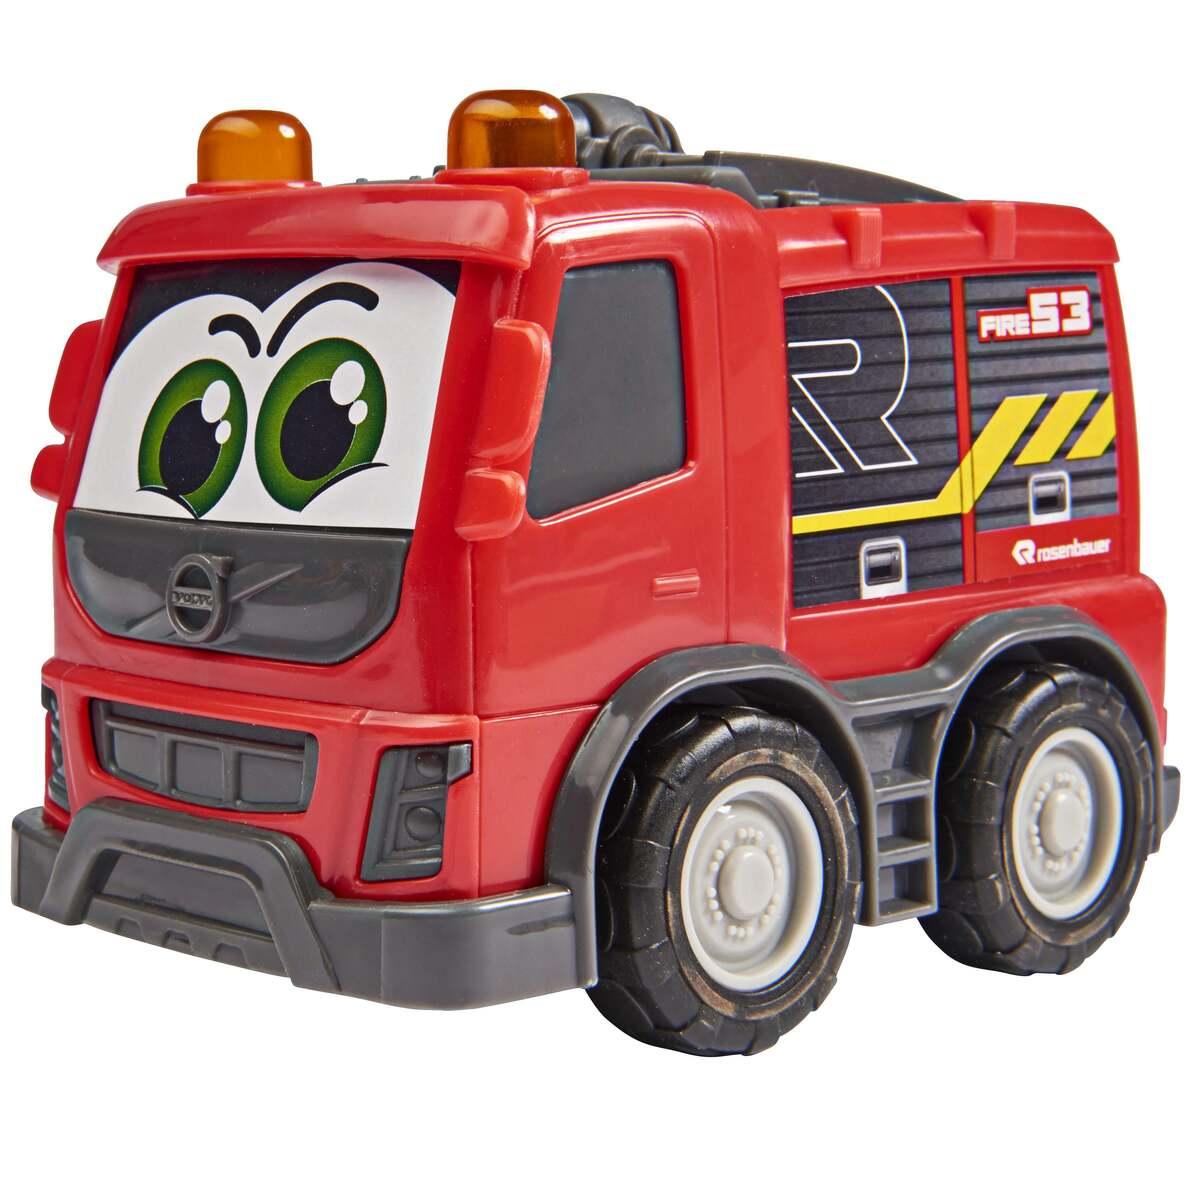 Bild 2 von Dickie Toys Was ist Was- Feuerwehr Fahrzeug